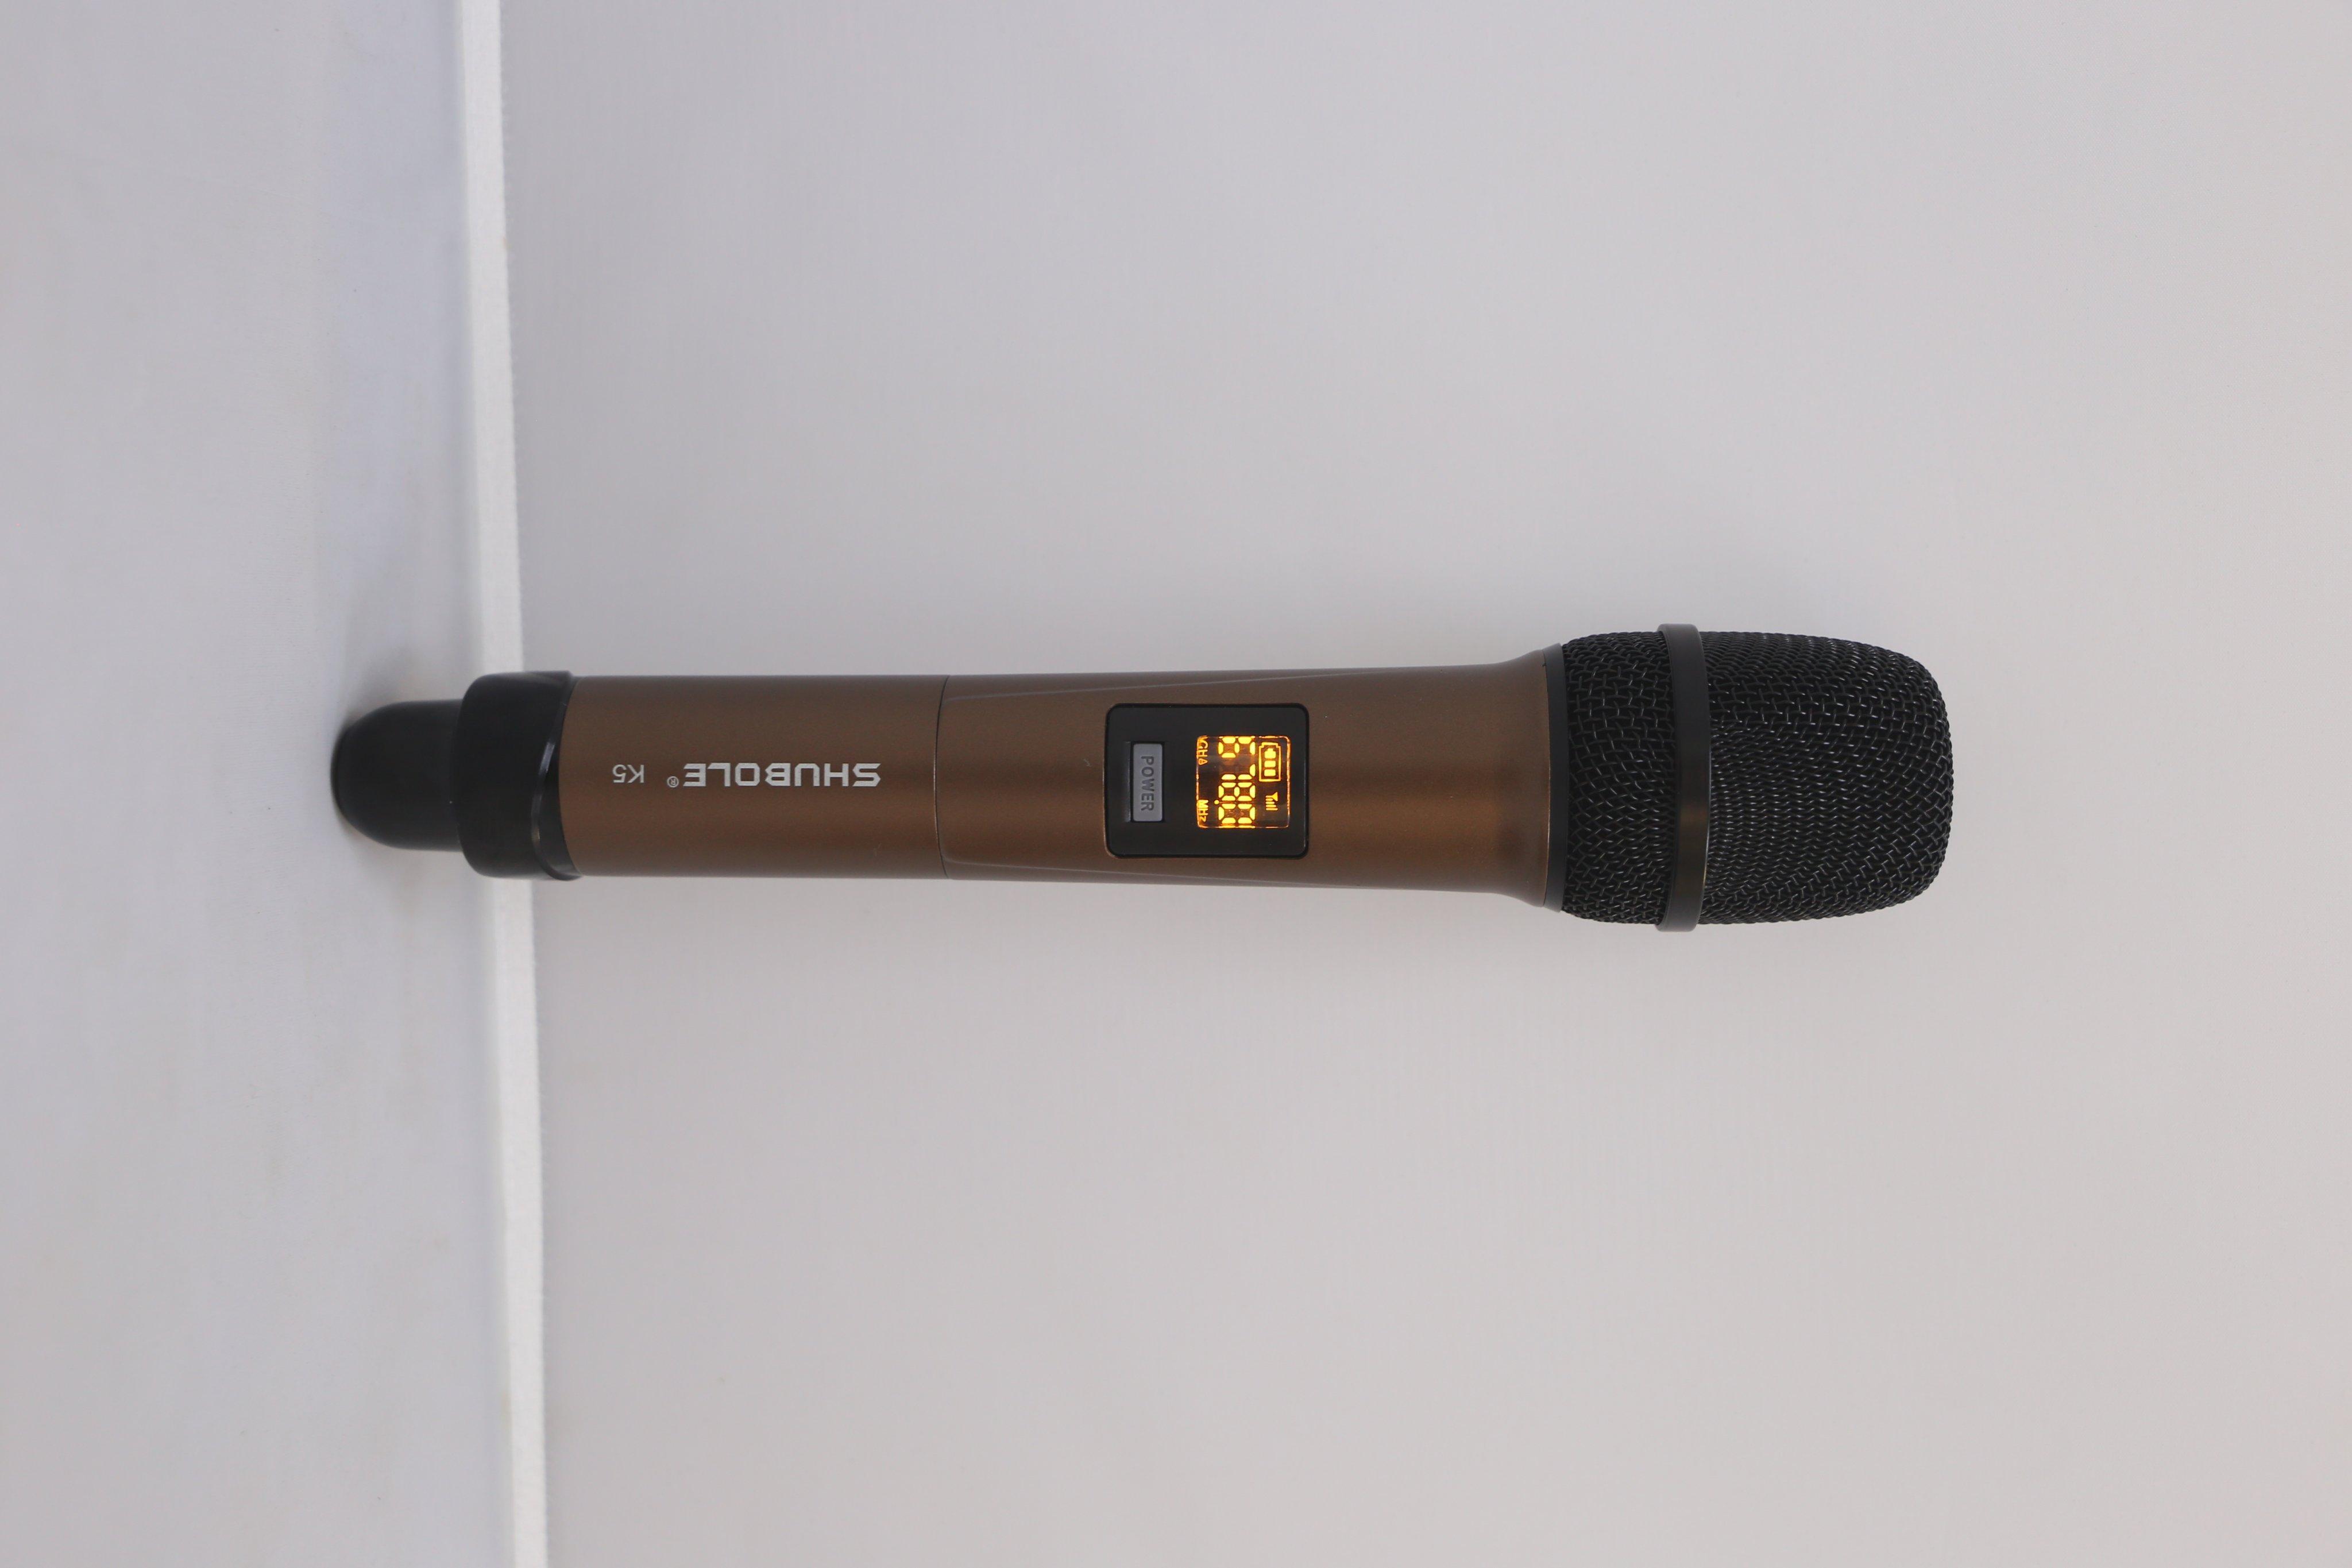 Micro Không Dây Shubole K5 (1 Mic) - Hàng Chính Hãng